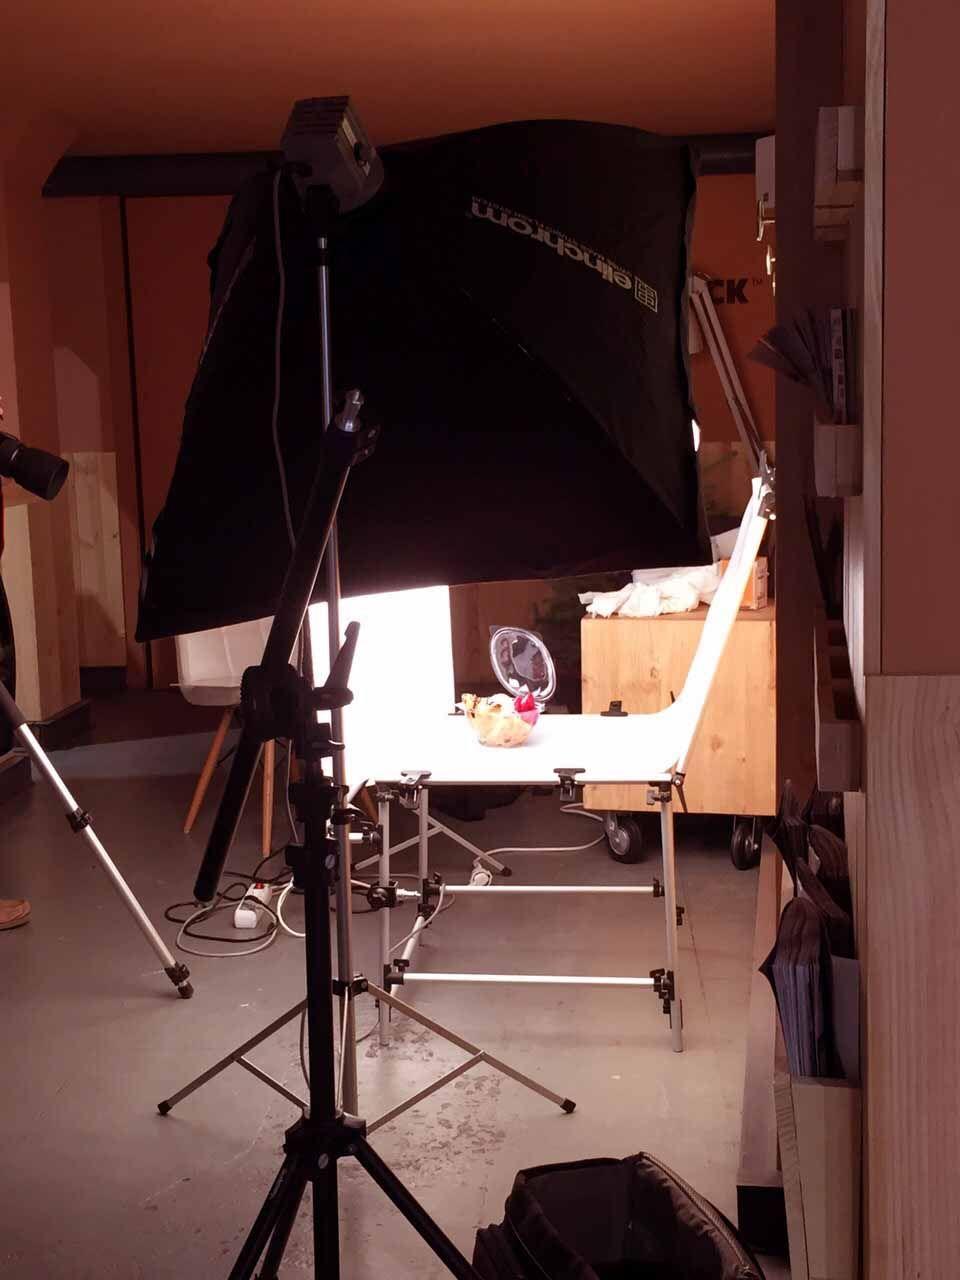 Iniciando nueva temporada con sorpresas desde el inicio. Sesión de fotografía y vídeo para preparar 2015. www.valencianashock.com www.estoyenshock.com